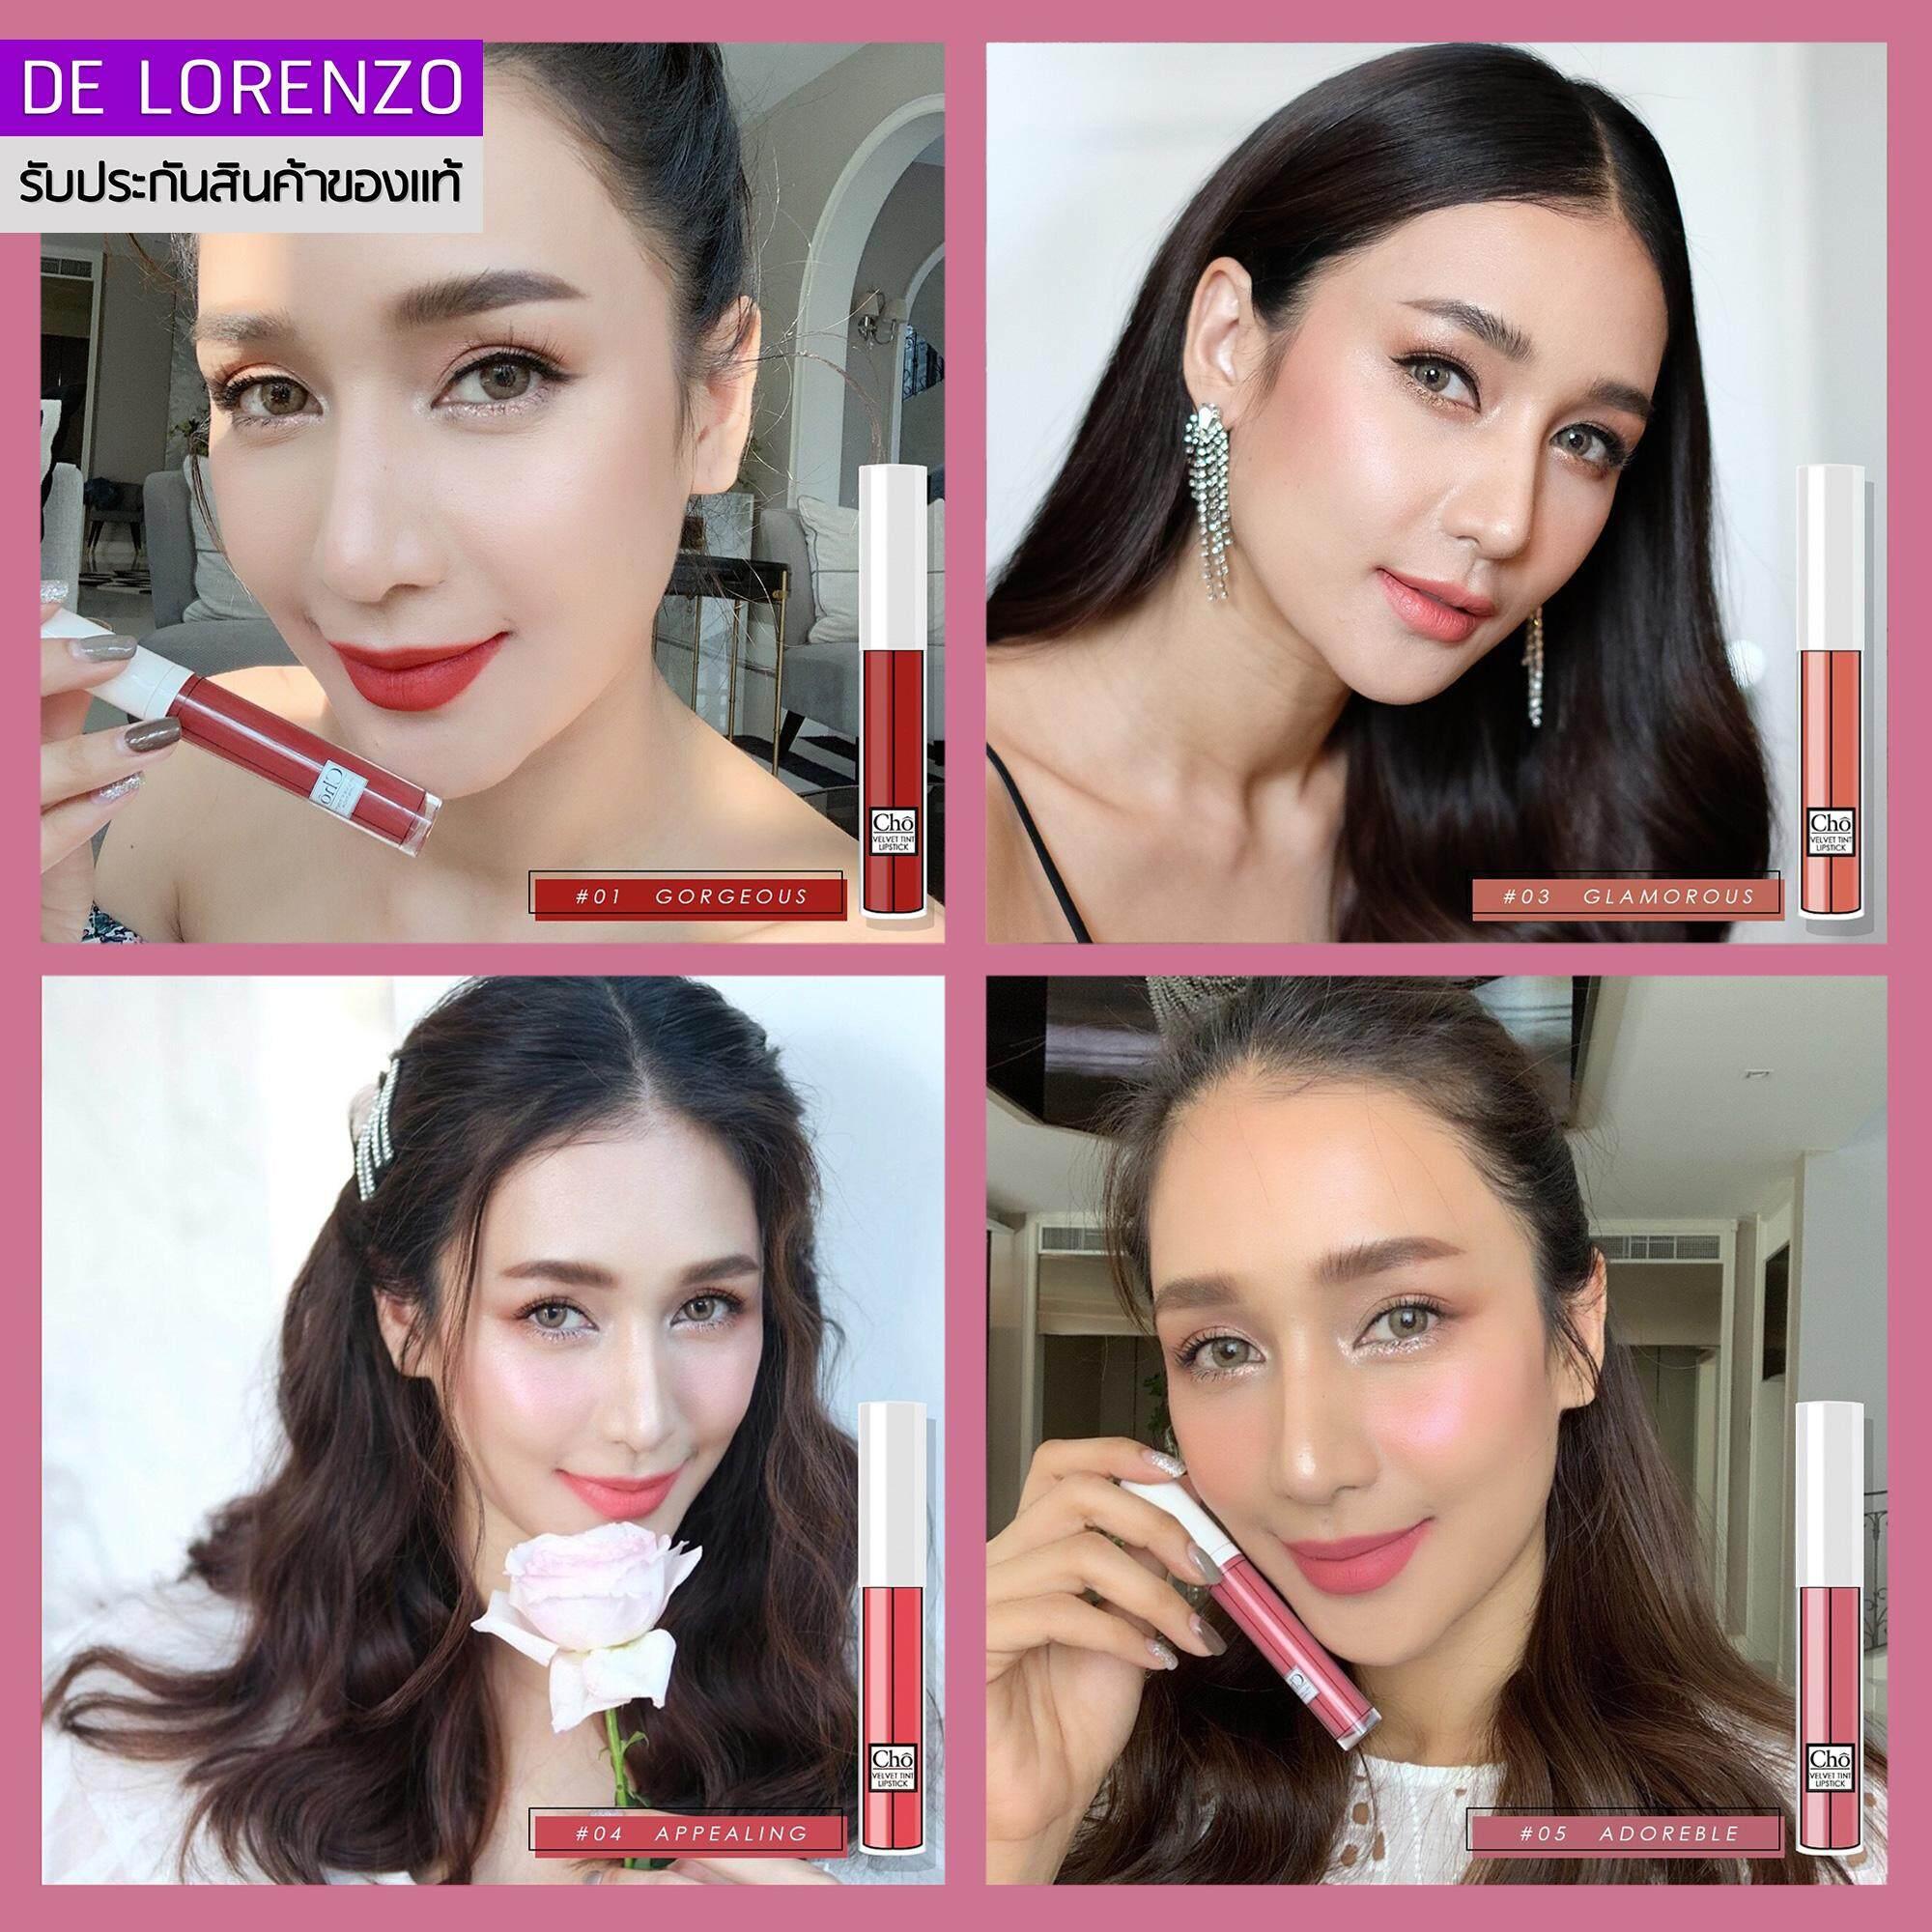 ((ของแท้)) Cho Velvet Tint Lipstick 5g ลิปโช เนื้อกำมะหยี่ เนื้อนุ่มละมุน ไม่ตกร่อง ทาได้ทั้ง ตา แก้ม ปาก